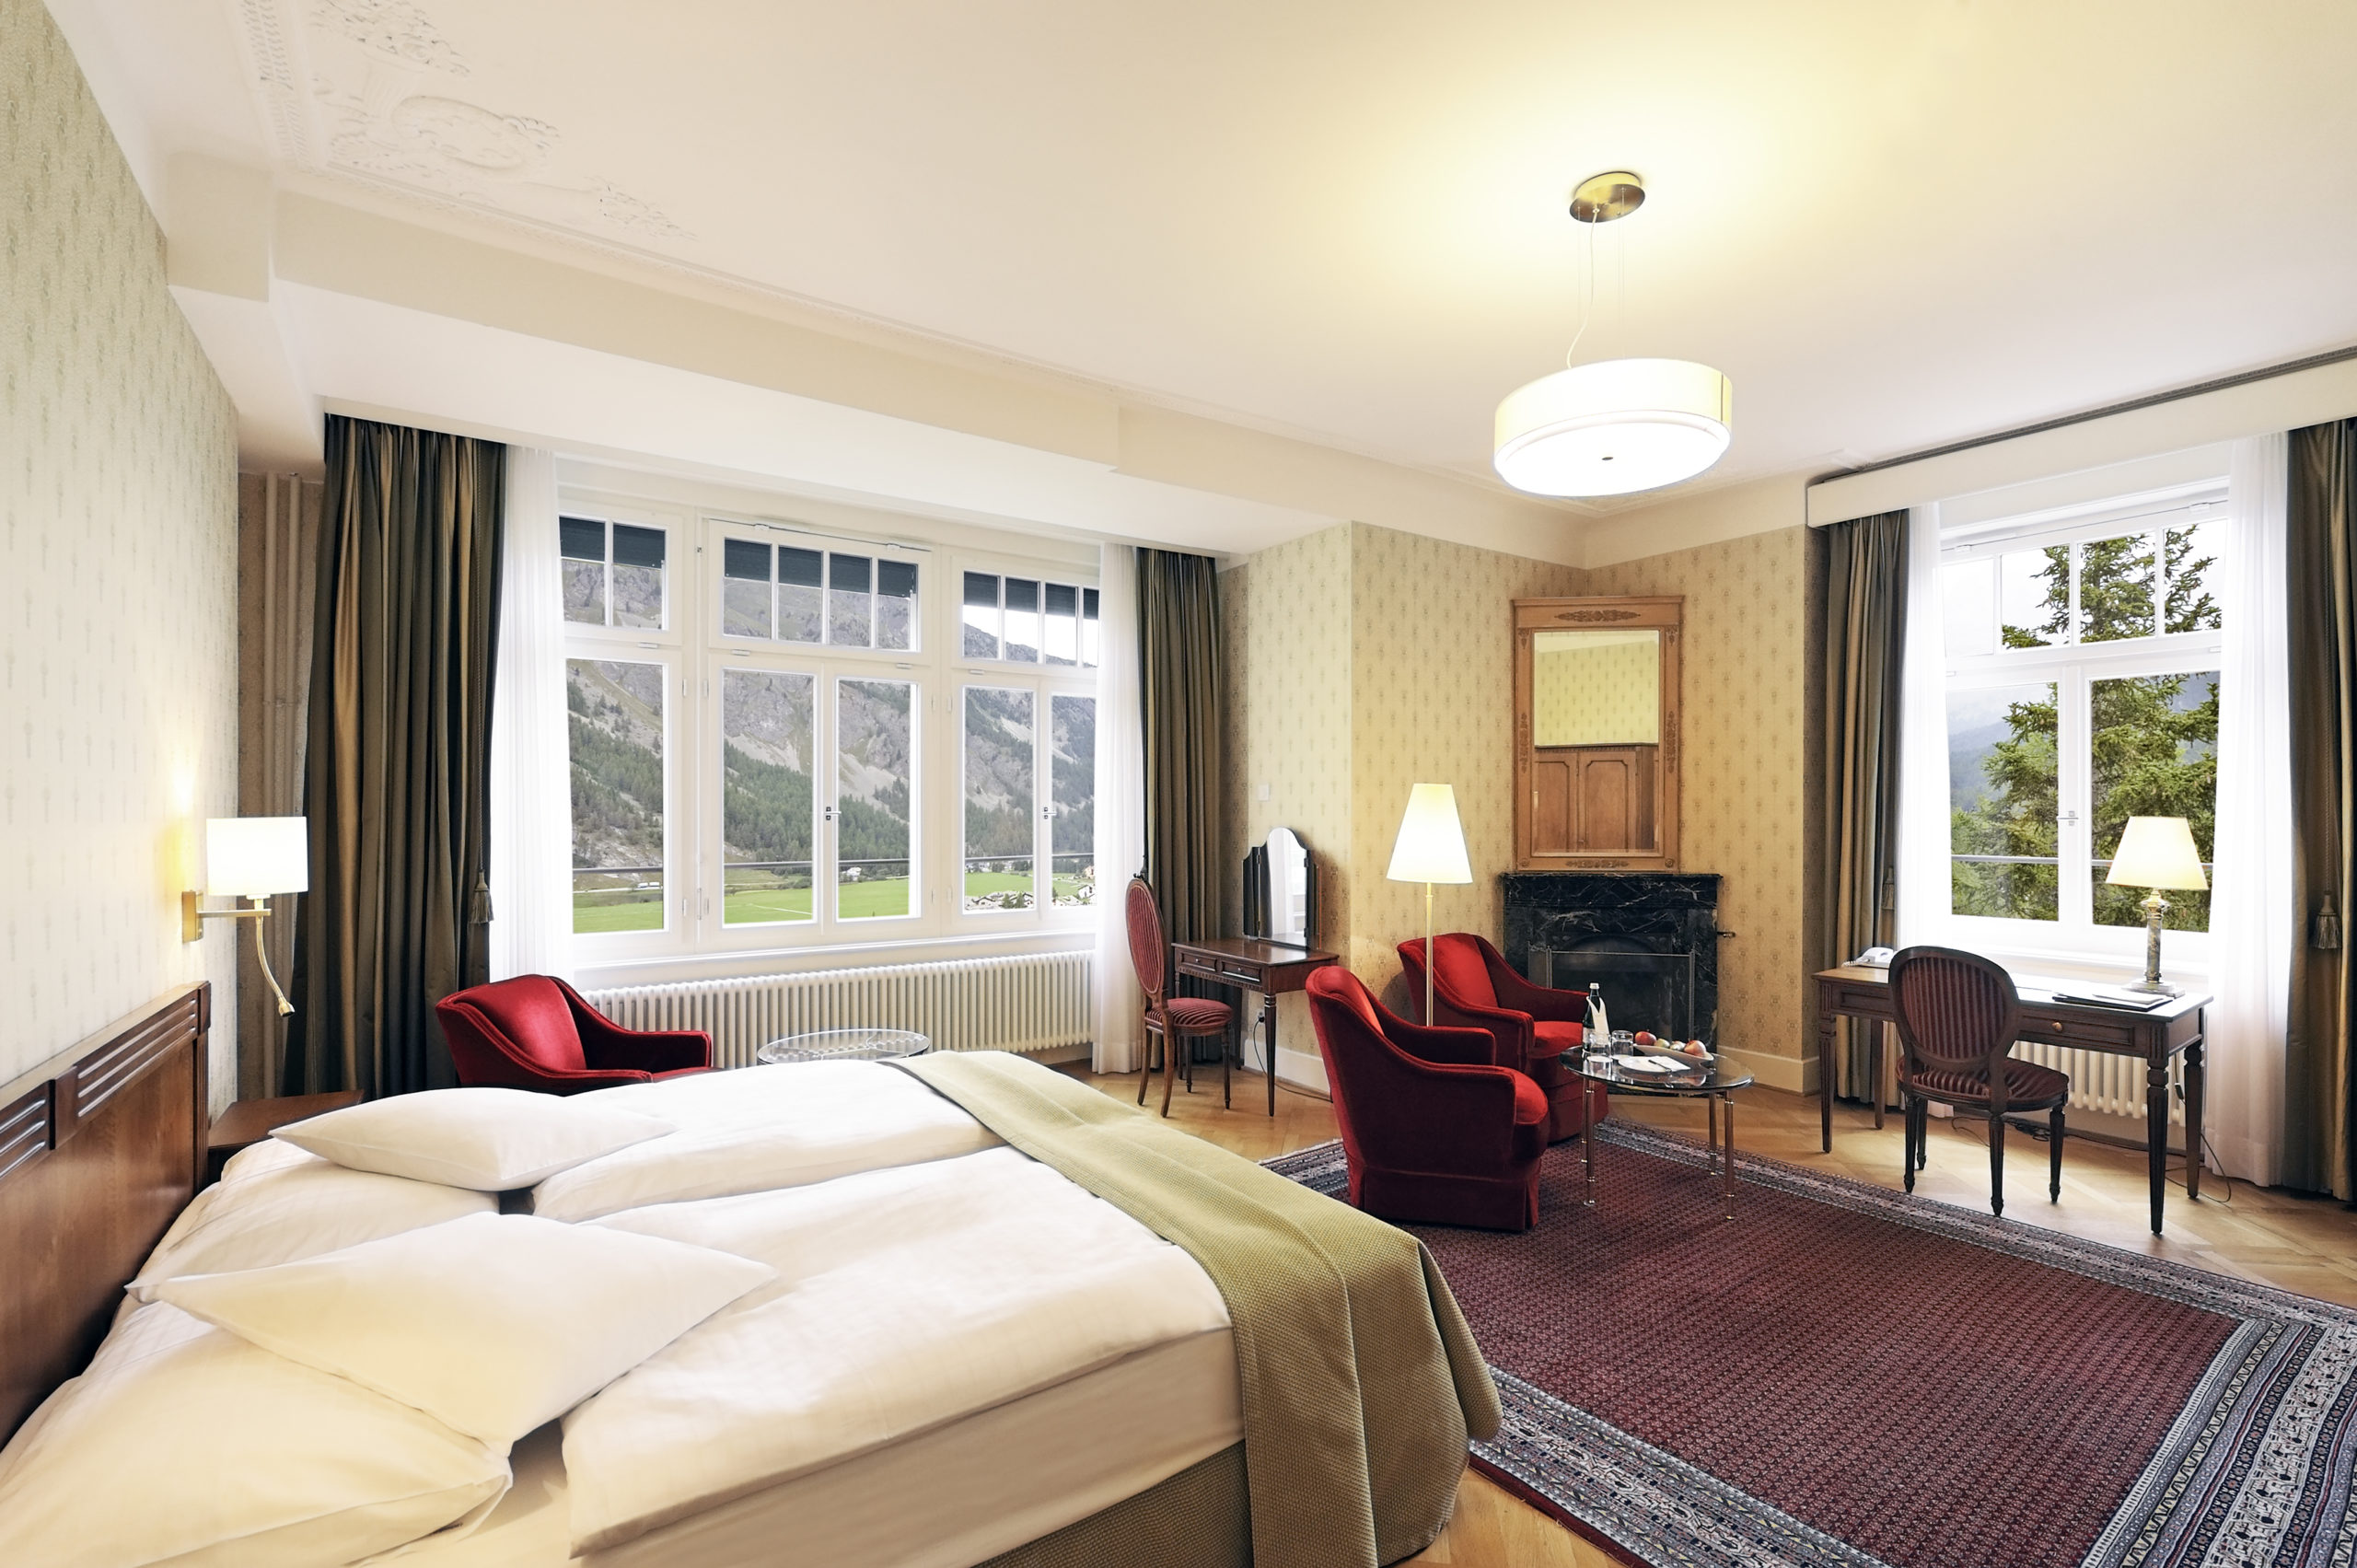 Eckzimmer im Hotel Waldhaus Sils mit Blick Richtung Sils Baselgia und Sils Maria